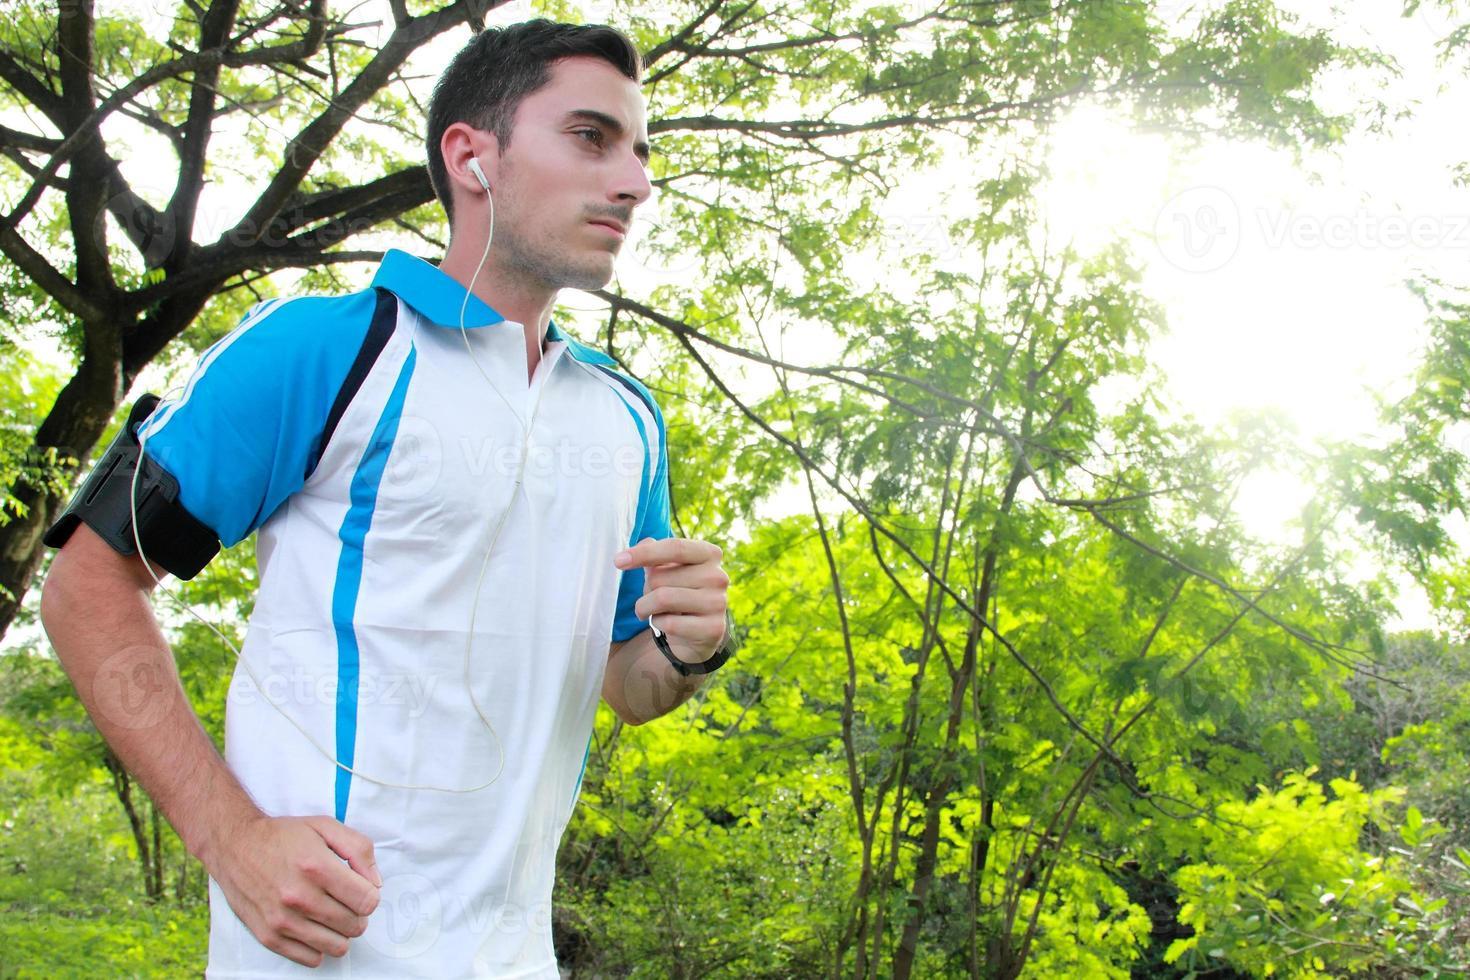 sportlich fit junger Mann joggen beim Musikhören foto